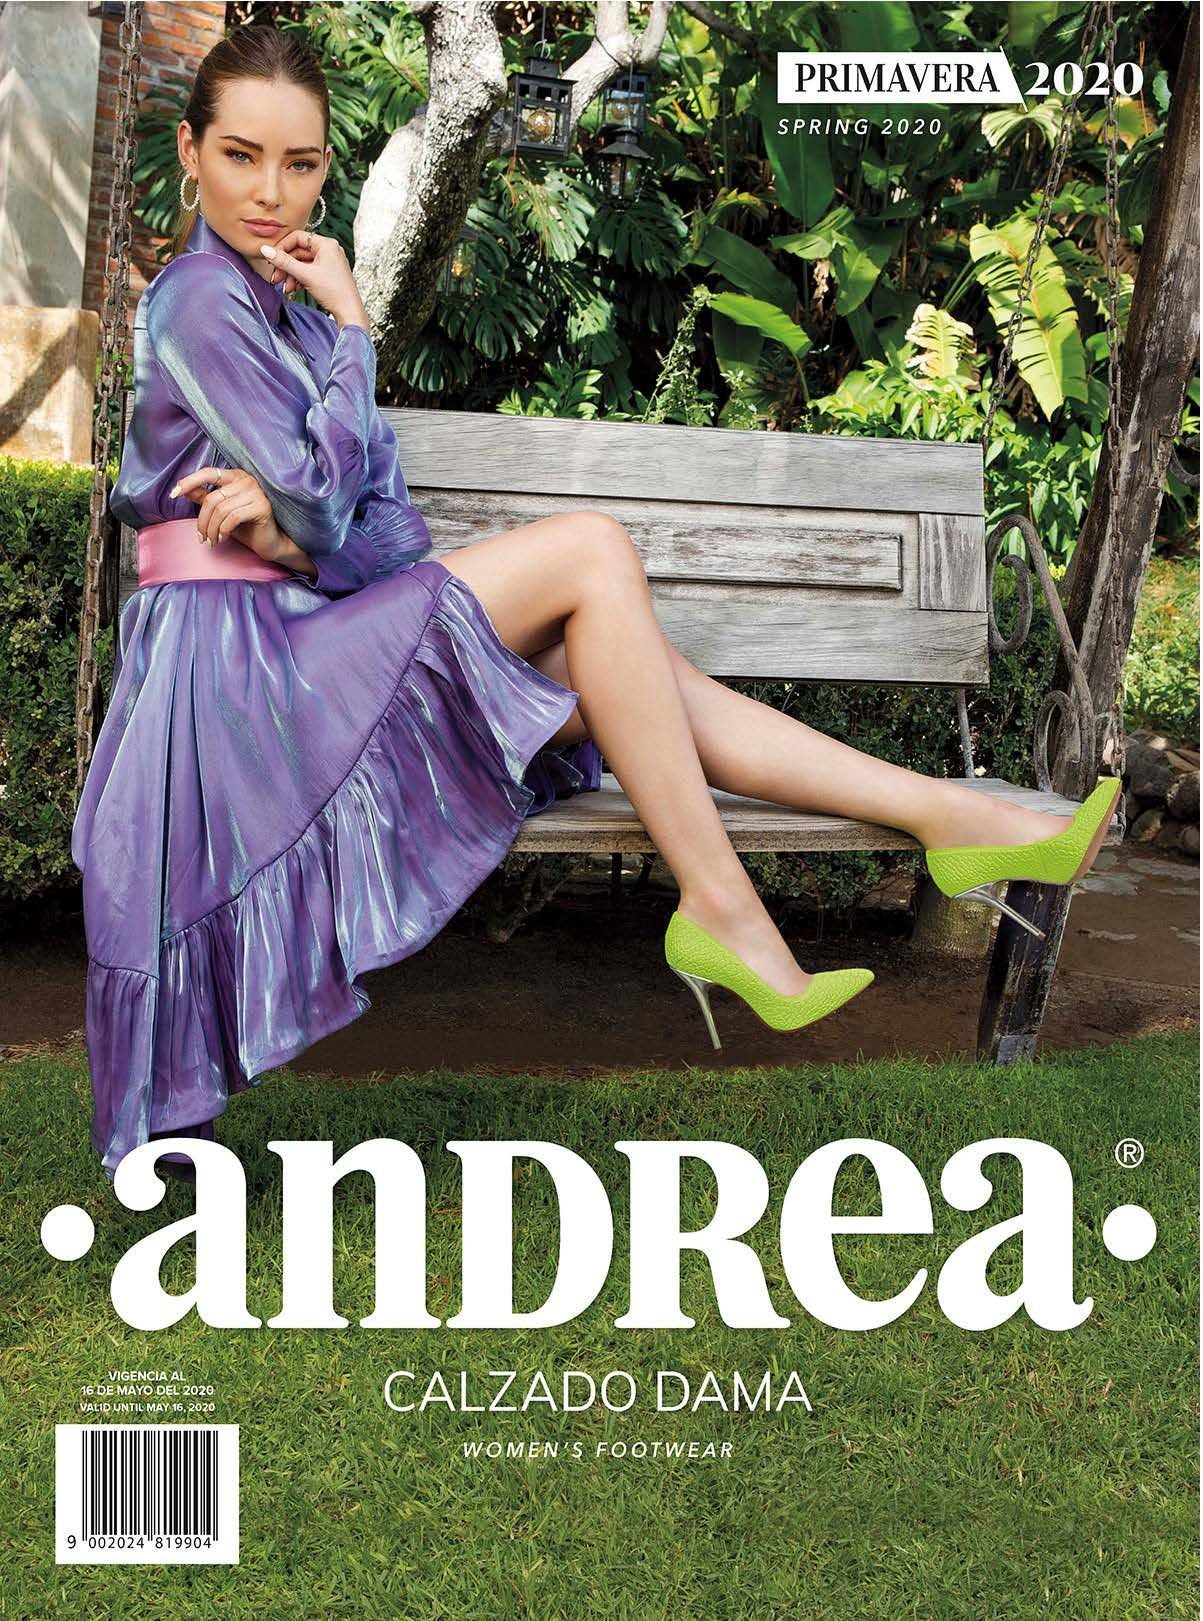 Venta Por Catalogo Andrea Catalogos Andrea Catalogos De Ropa Hermosas Celebridades